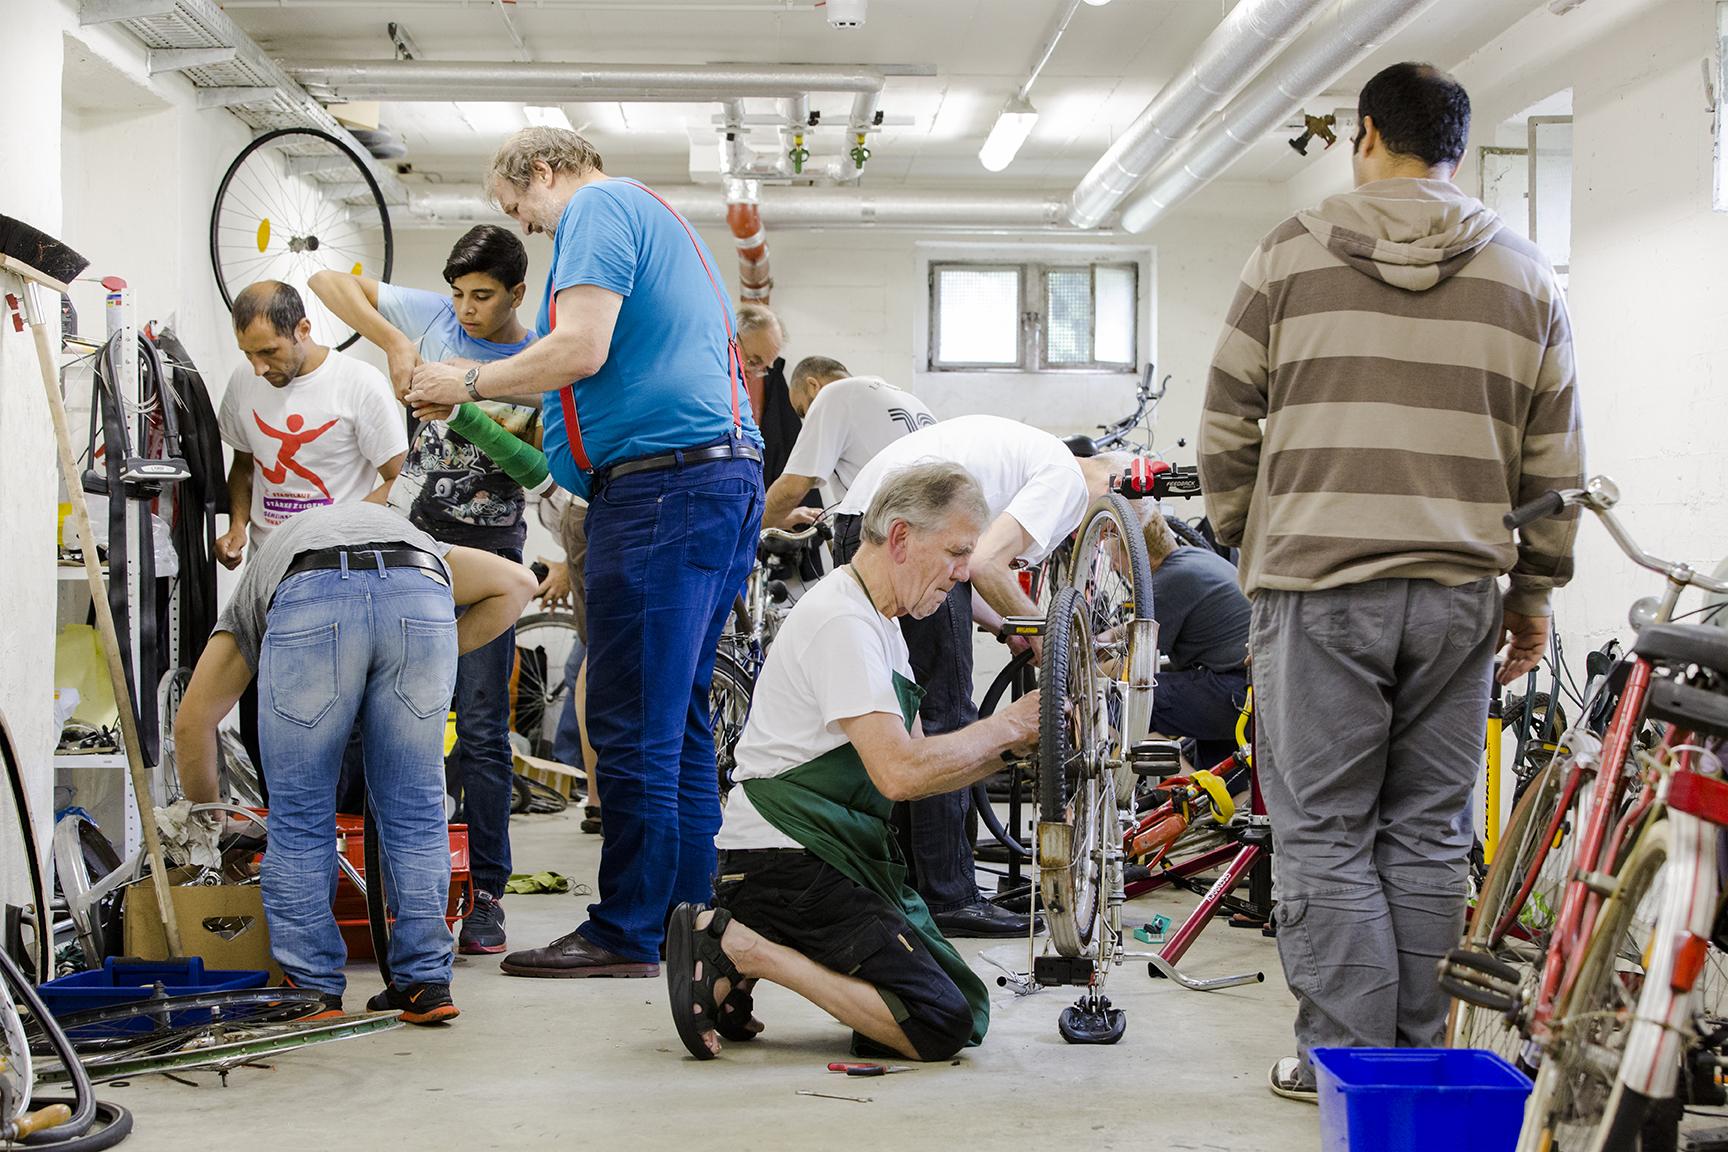 Über hundert Räder wurden mittlerweile gespendet, Kinderräder nicht eingerechnet